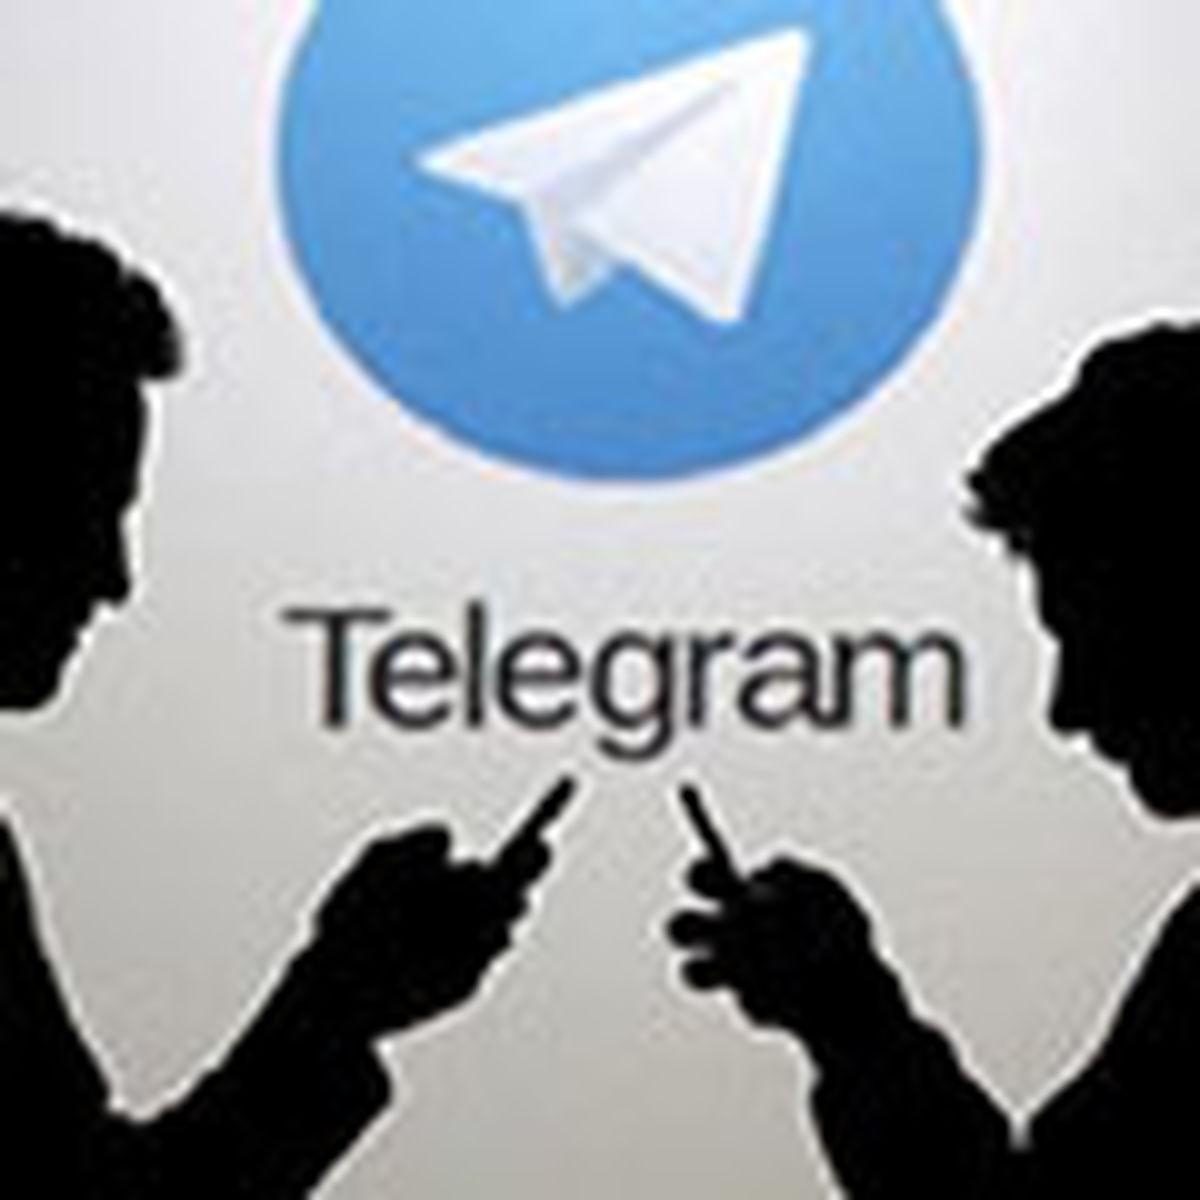 جهرمی: قطع تلگرام جهانی بود